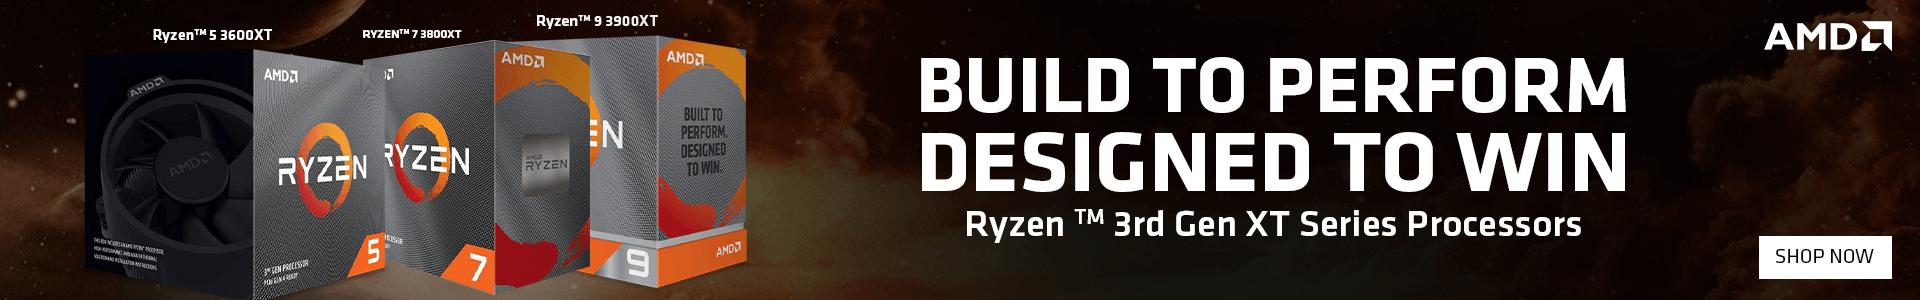 Amd Ryzen 3000 XT Processors